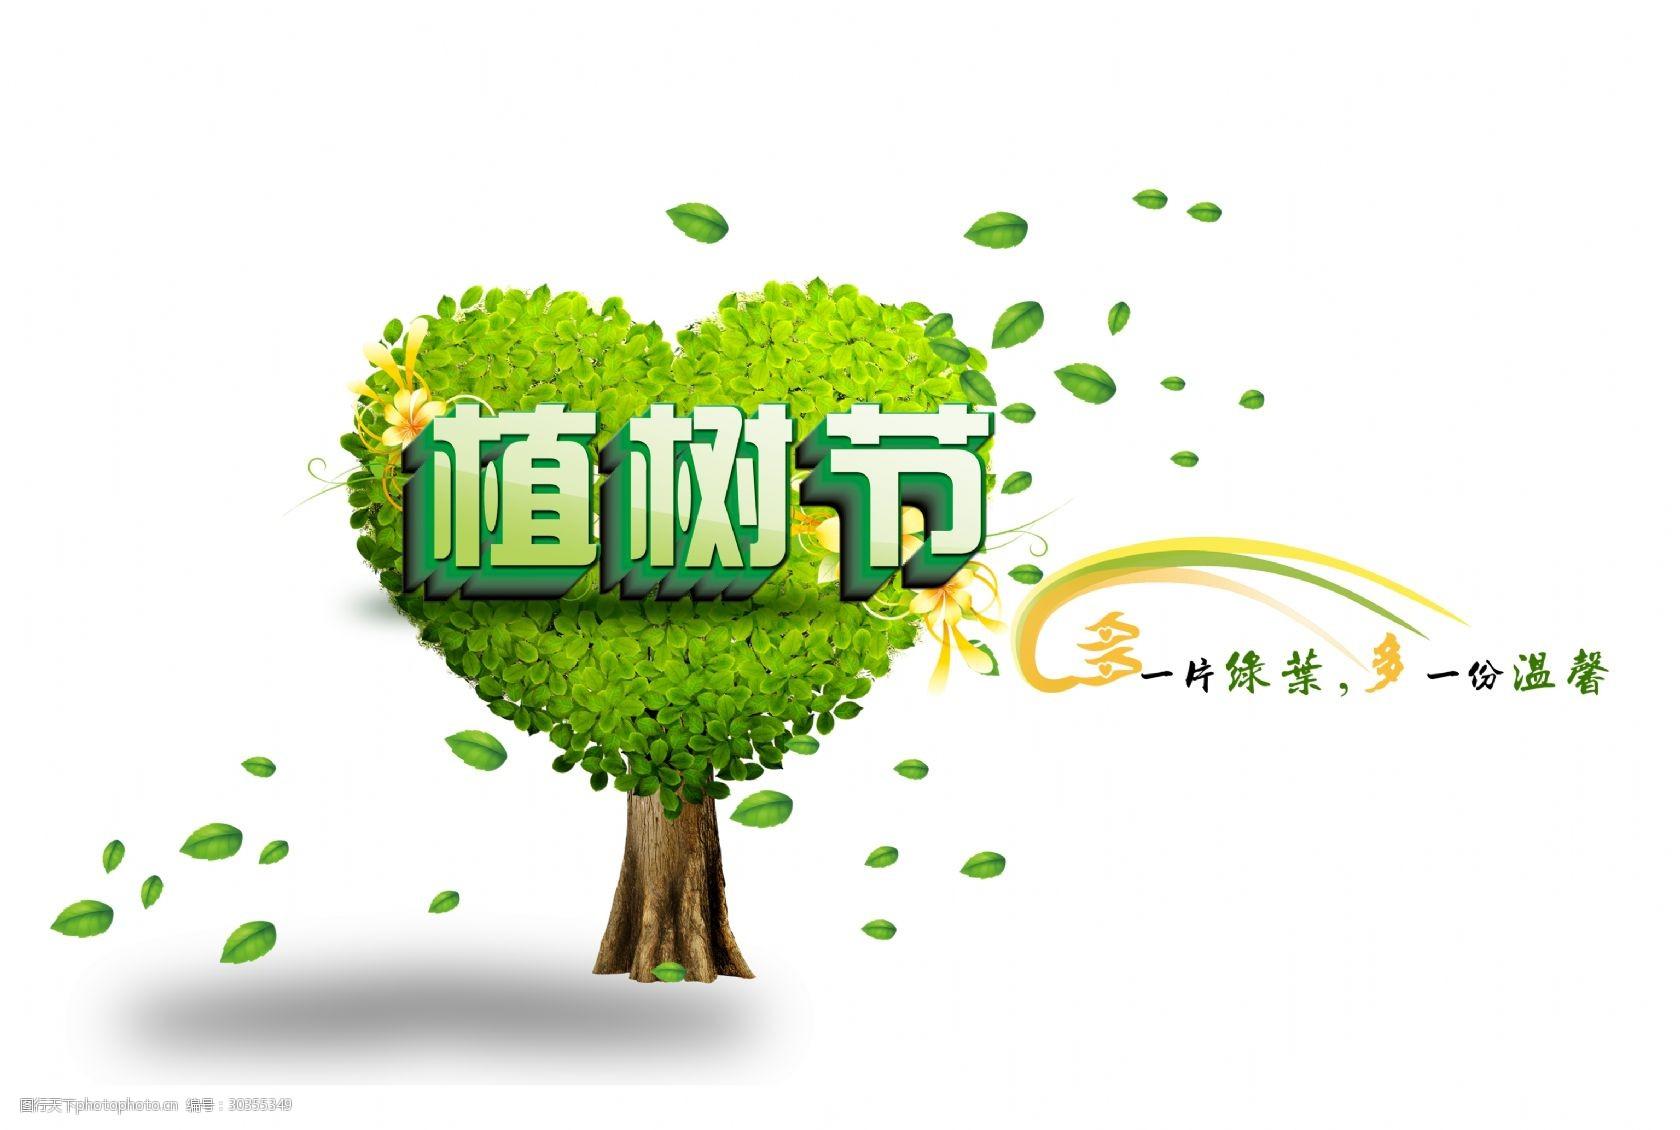 直线植树节大树艺术字字体v直线在可以树叶时_使用绘制图片